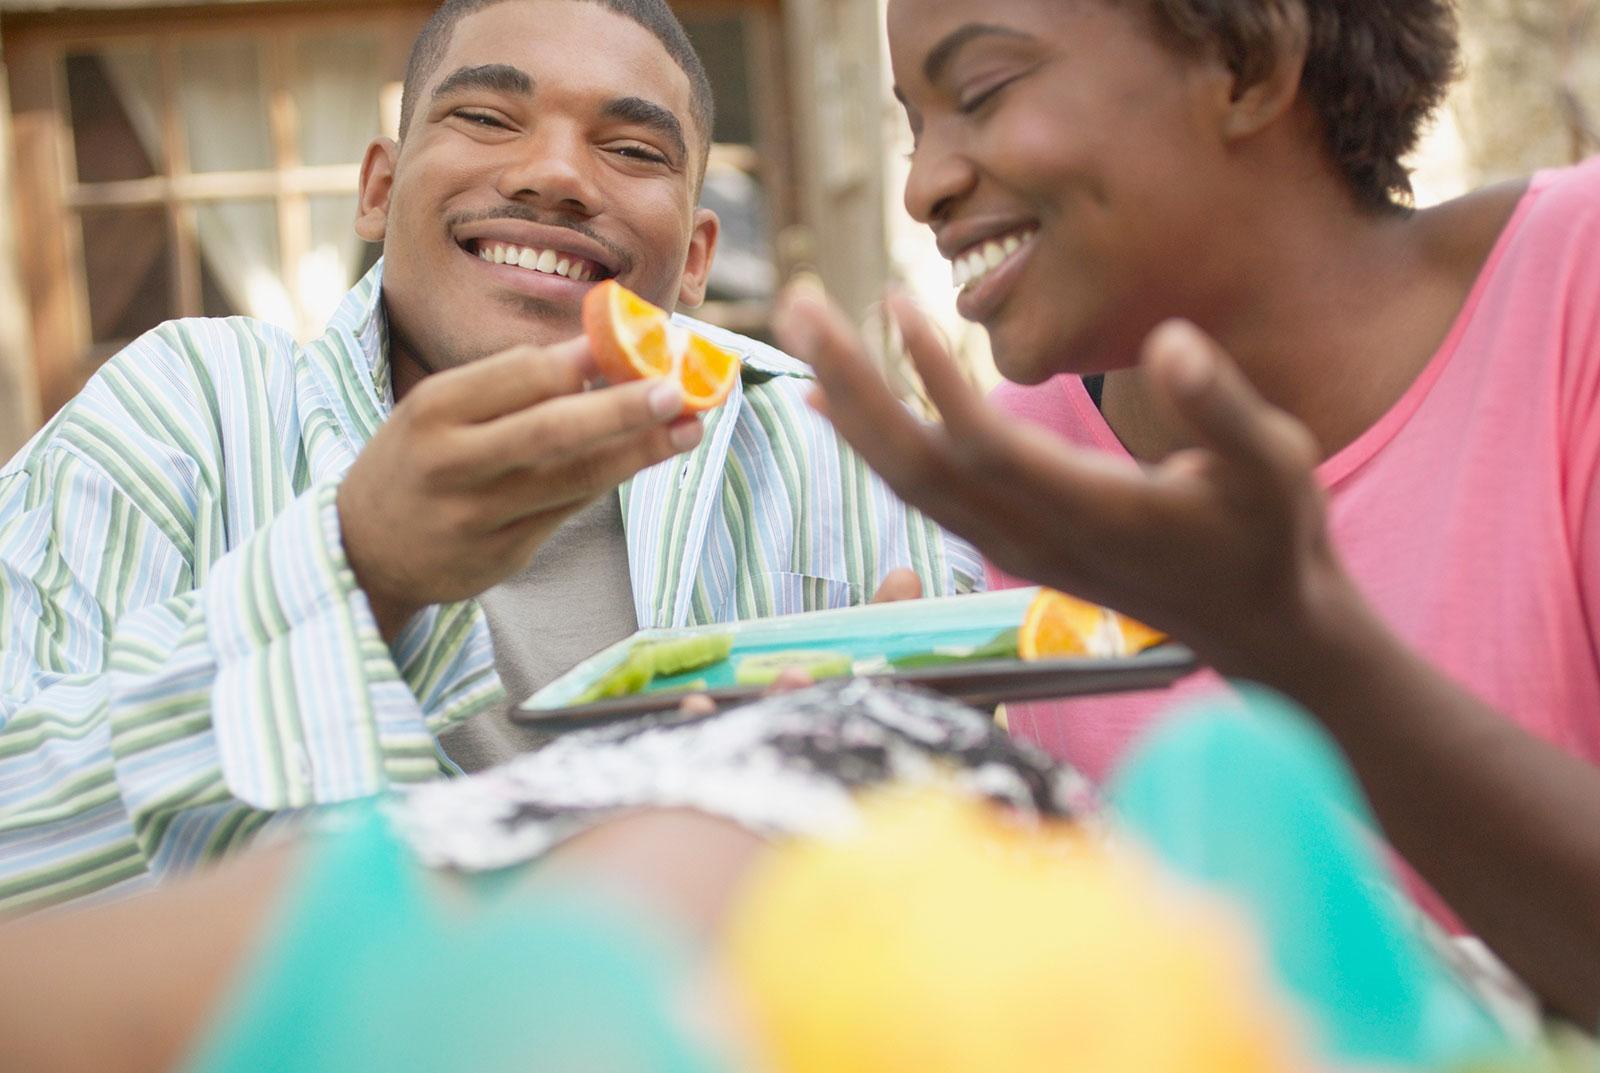 Pareja-disfrutando-los-alimentos.jpg